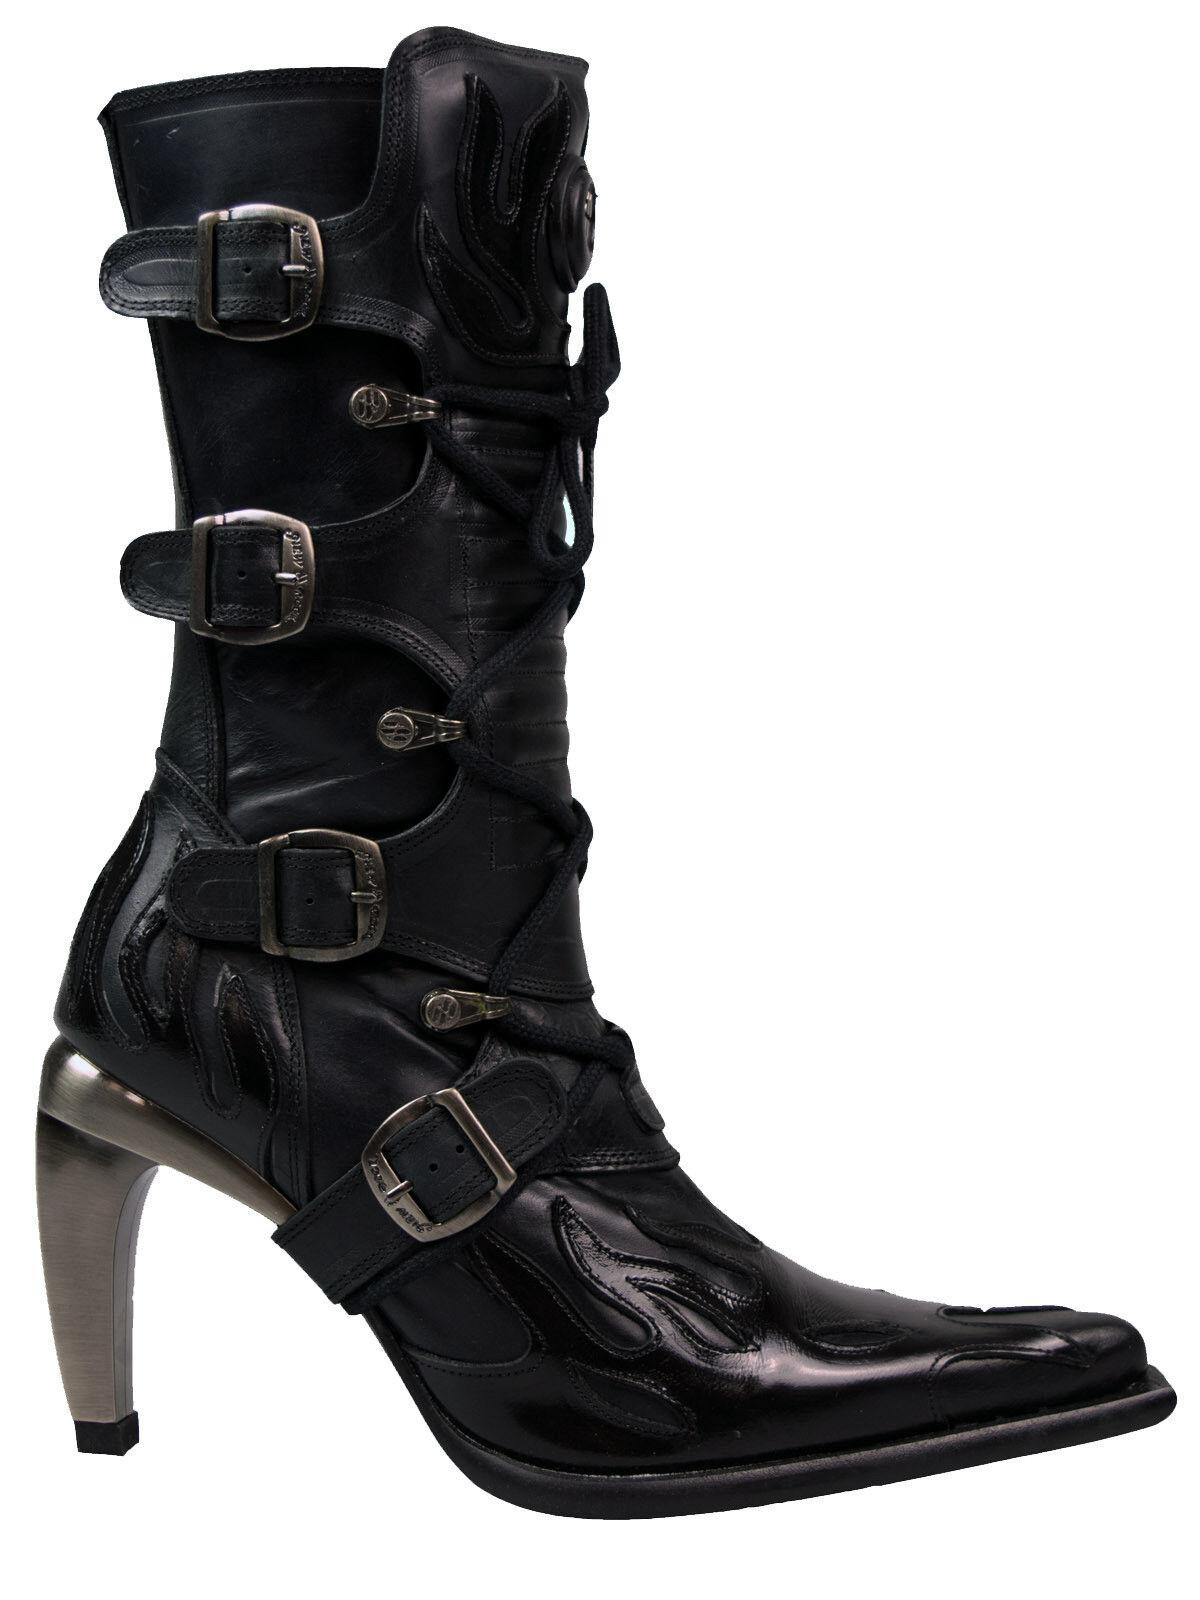 New Rock Tacco Alto/Stivali da Donna Barca m951 fiamma vernice metallo, paragrafo m951 Barca #5072 d69bde